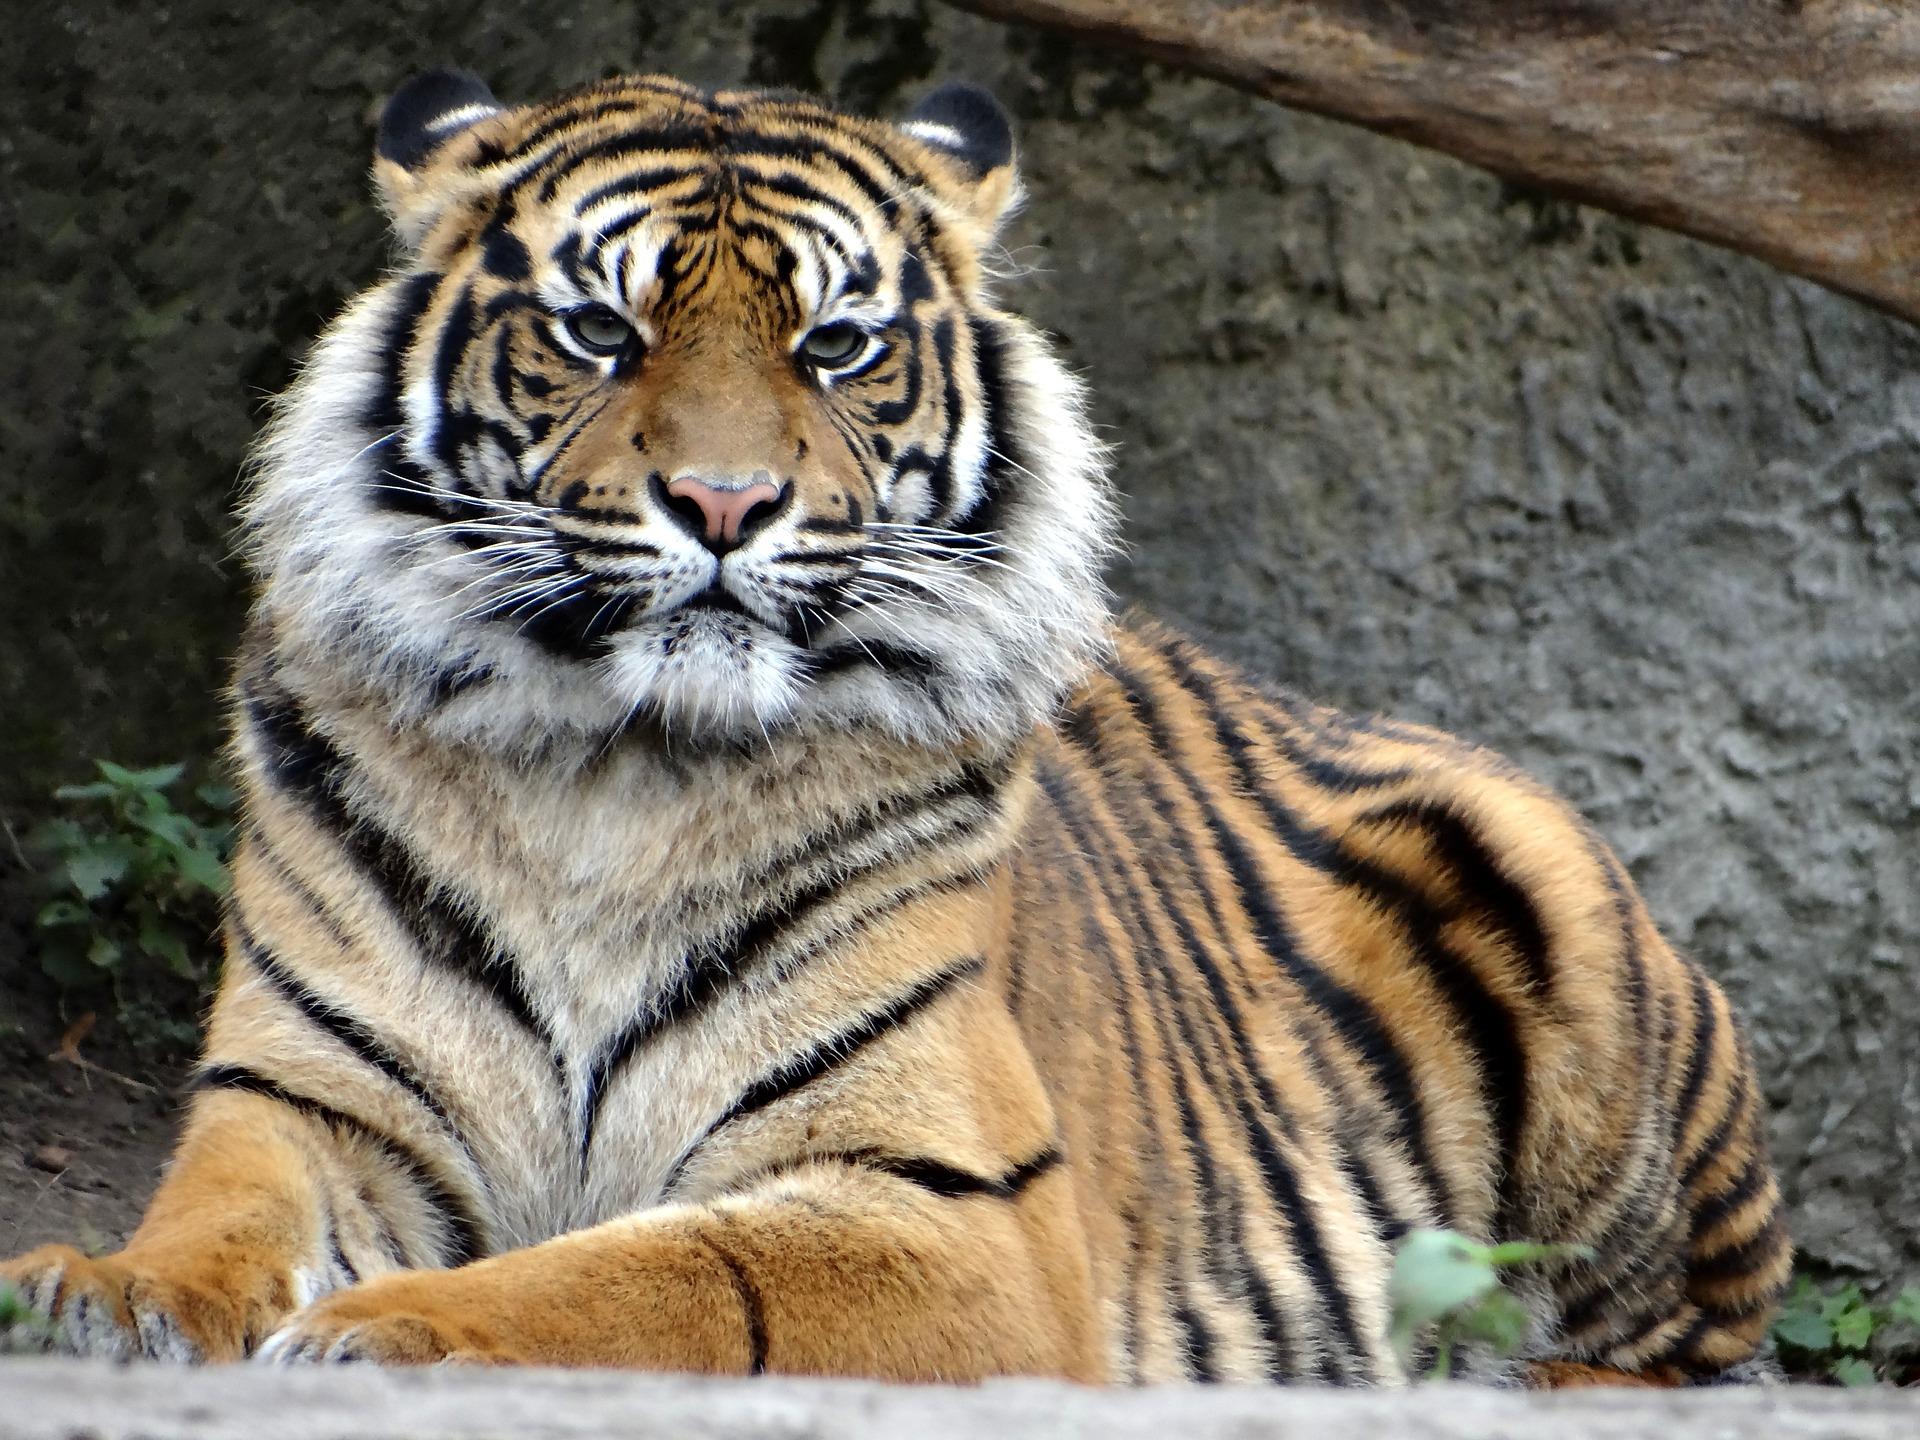 Tigre sumatra